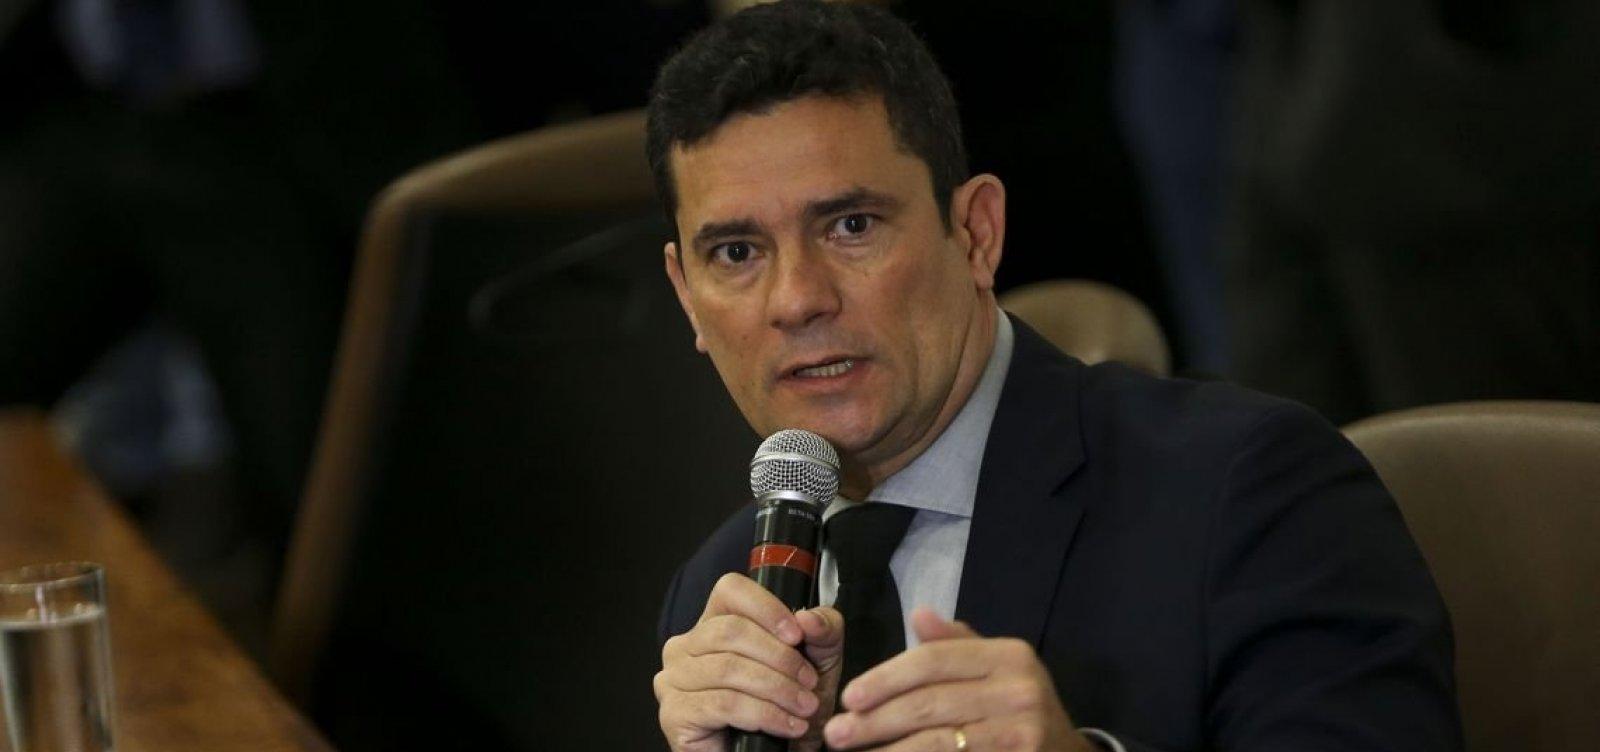 Chamado de 'canalha' por Lula, Moro diz que não responde a 'criminosos'